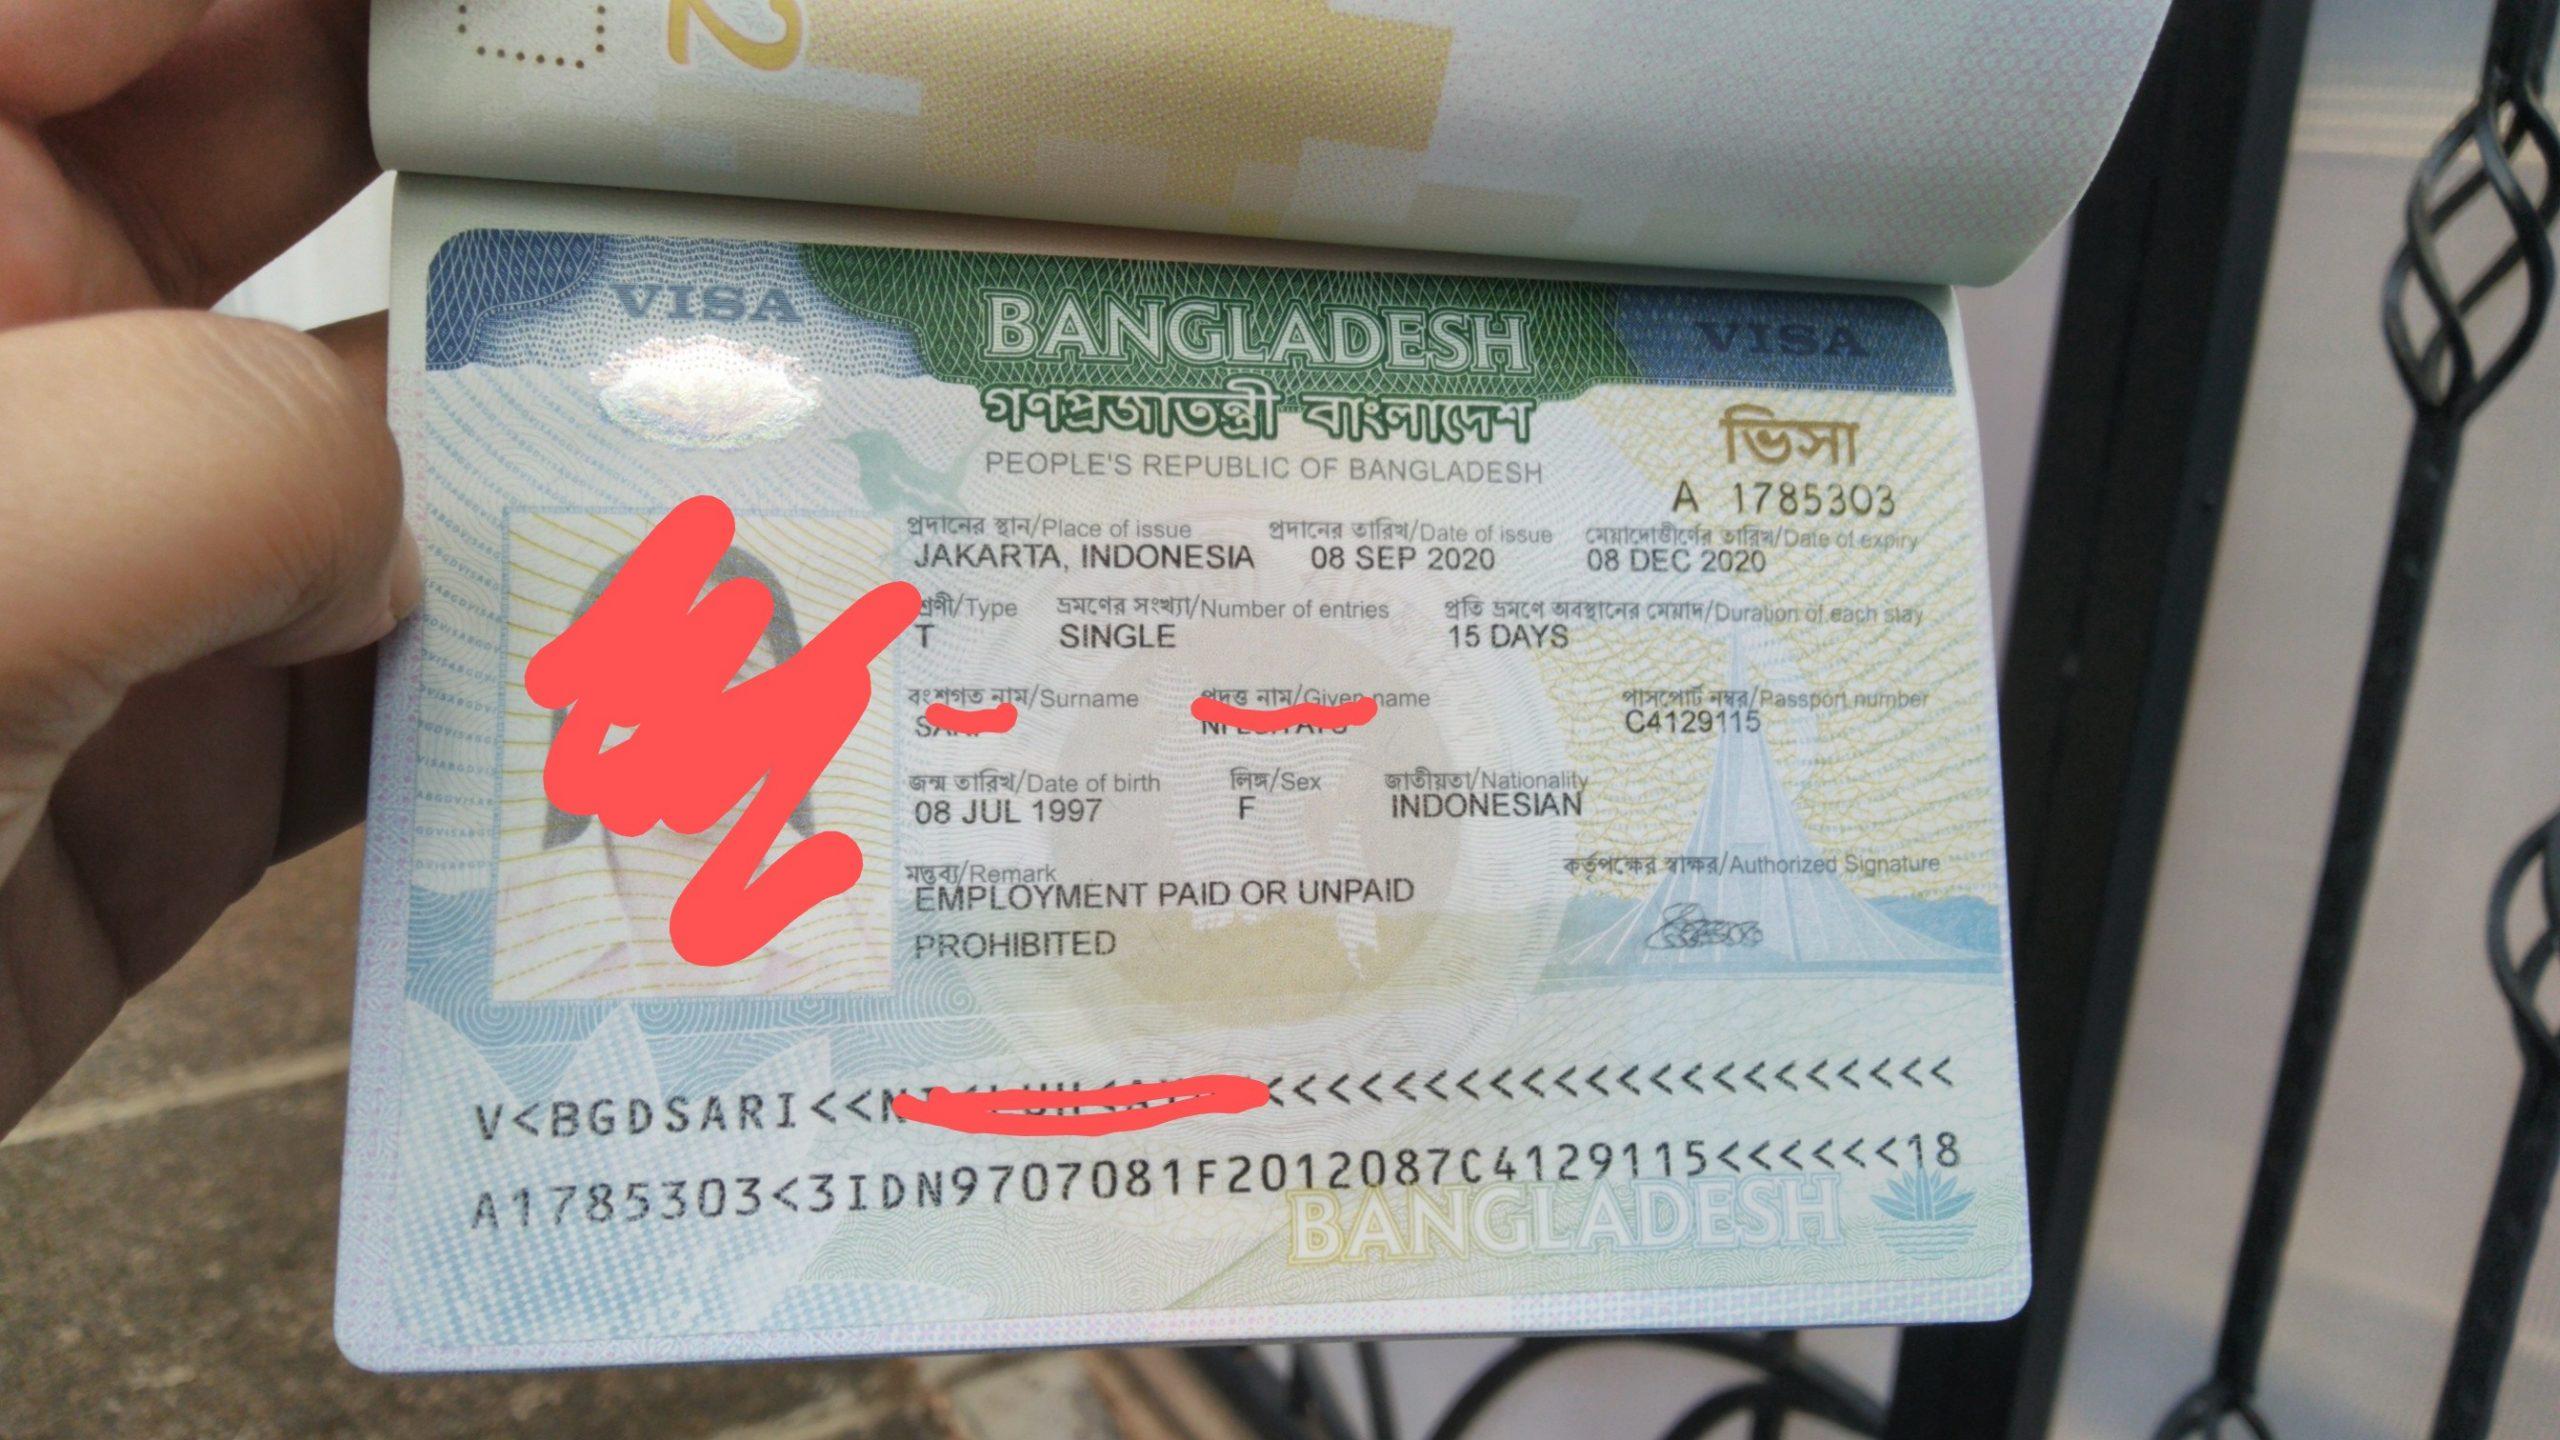 Pengalaman Membuat Visa Bangladesh untuk Turis di Masa New Normal